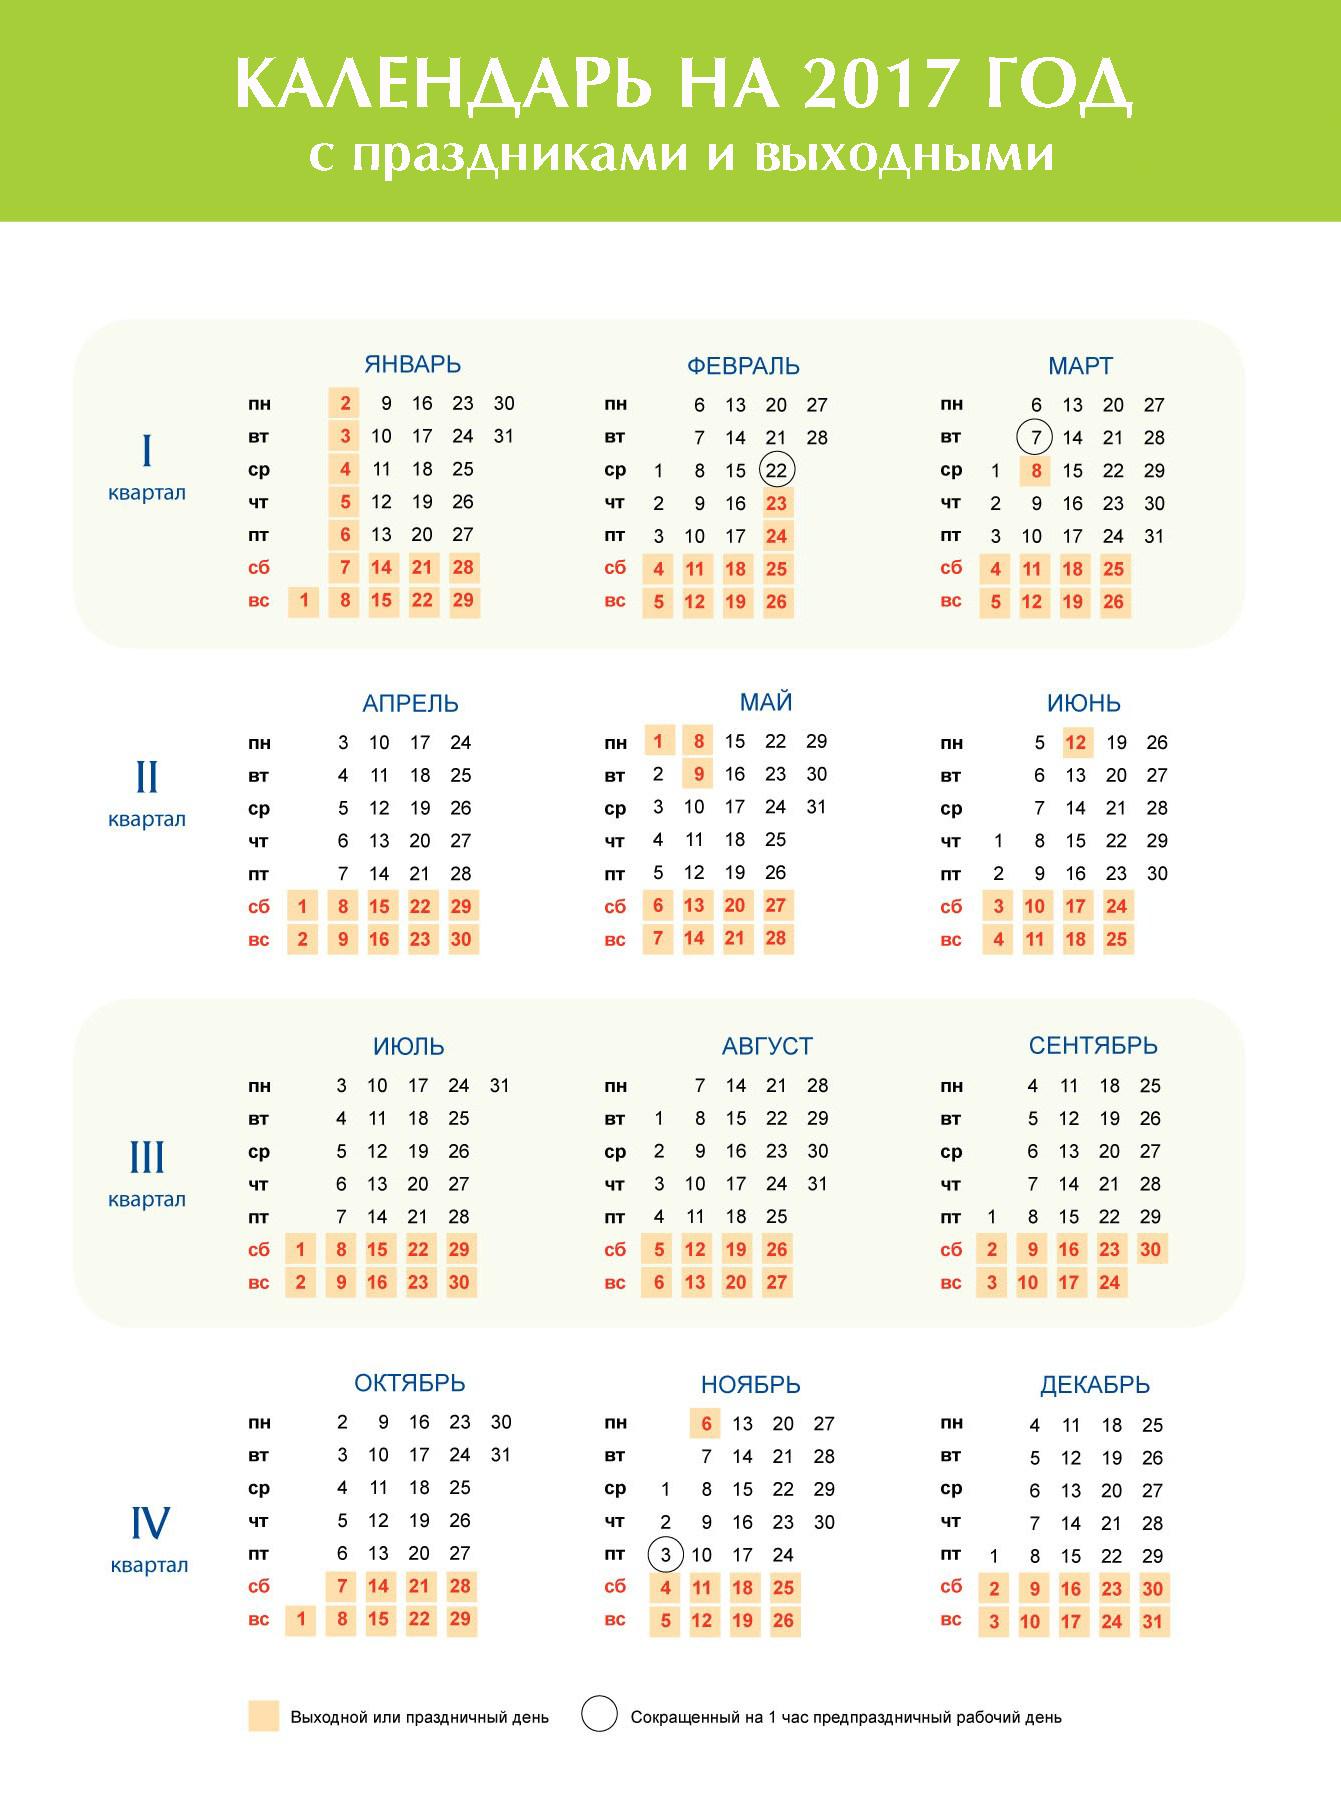 Ноябрь женские имена по церковному календарю 2017-2018